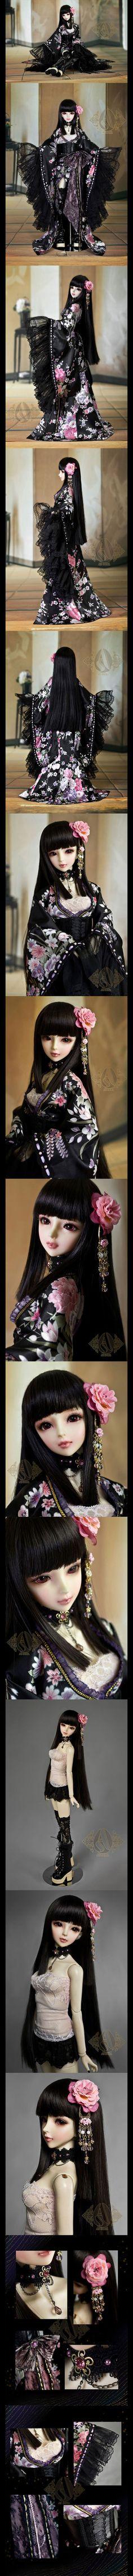 可愛い美しい人形 16